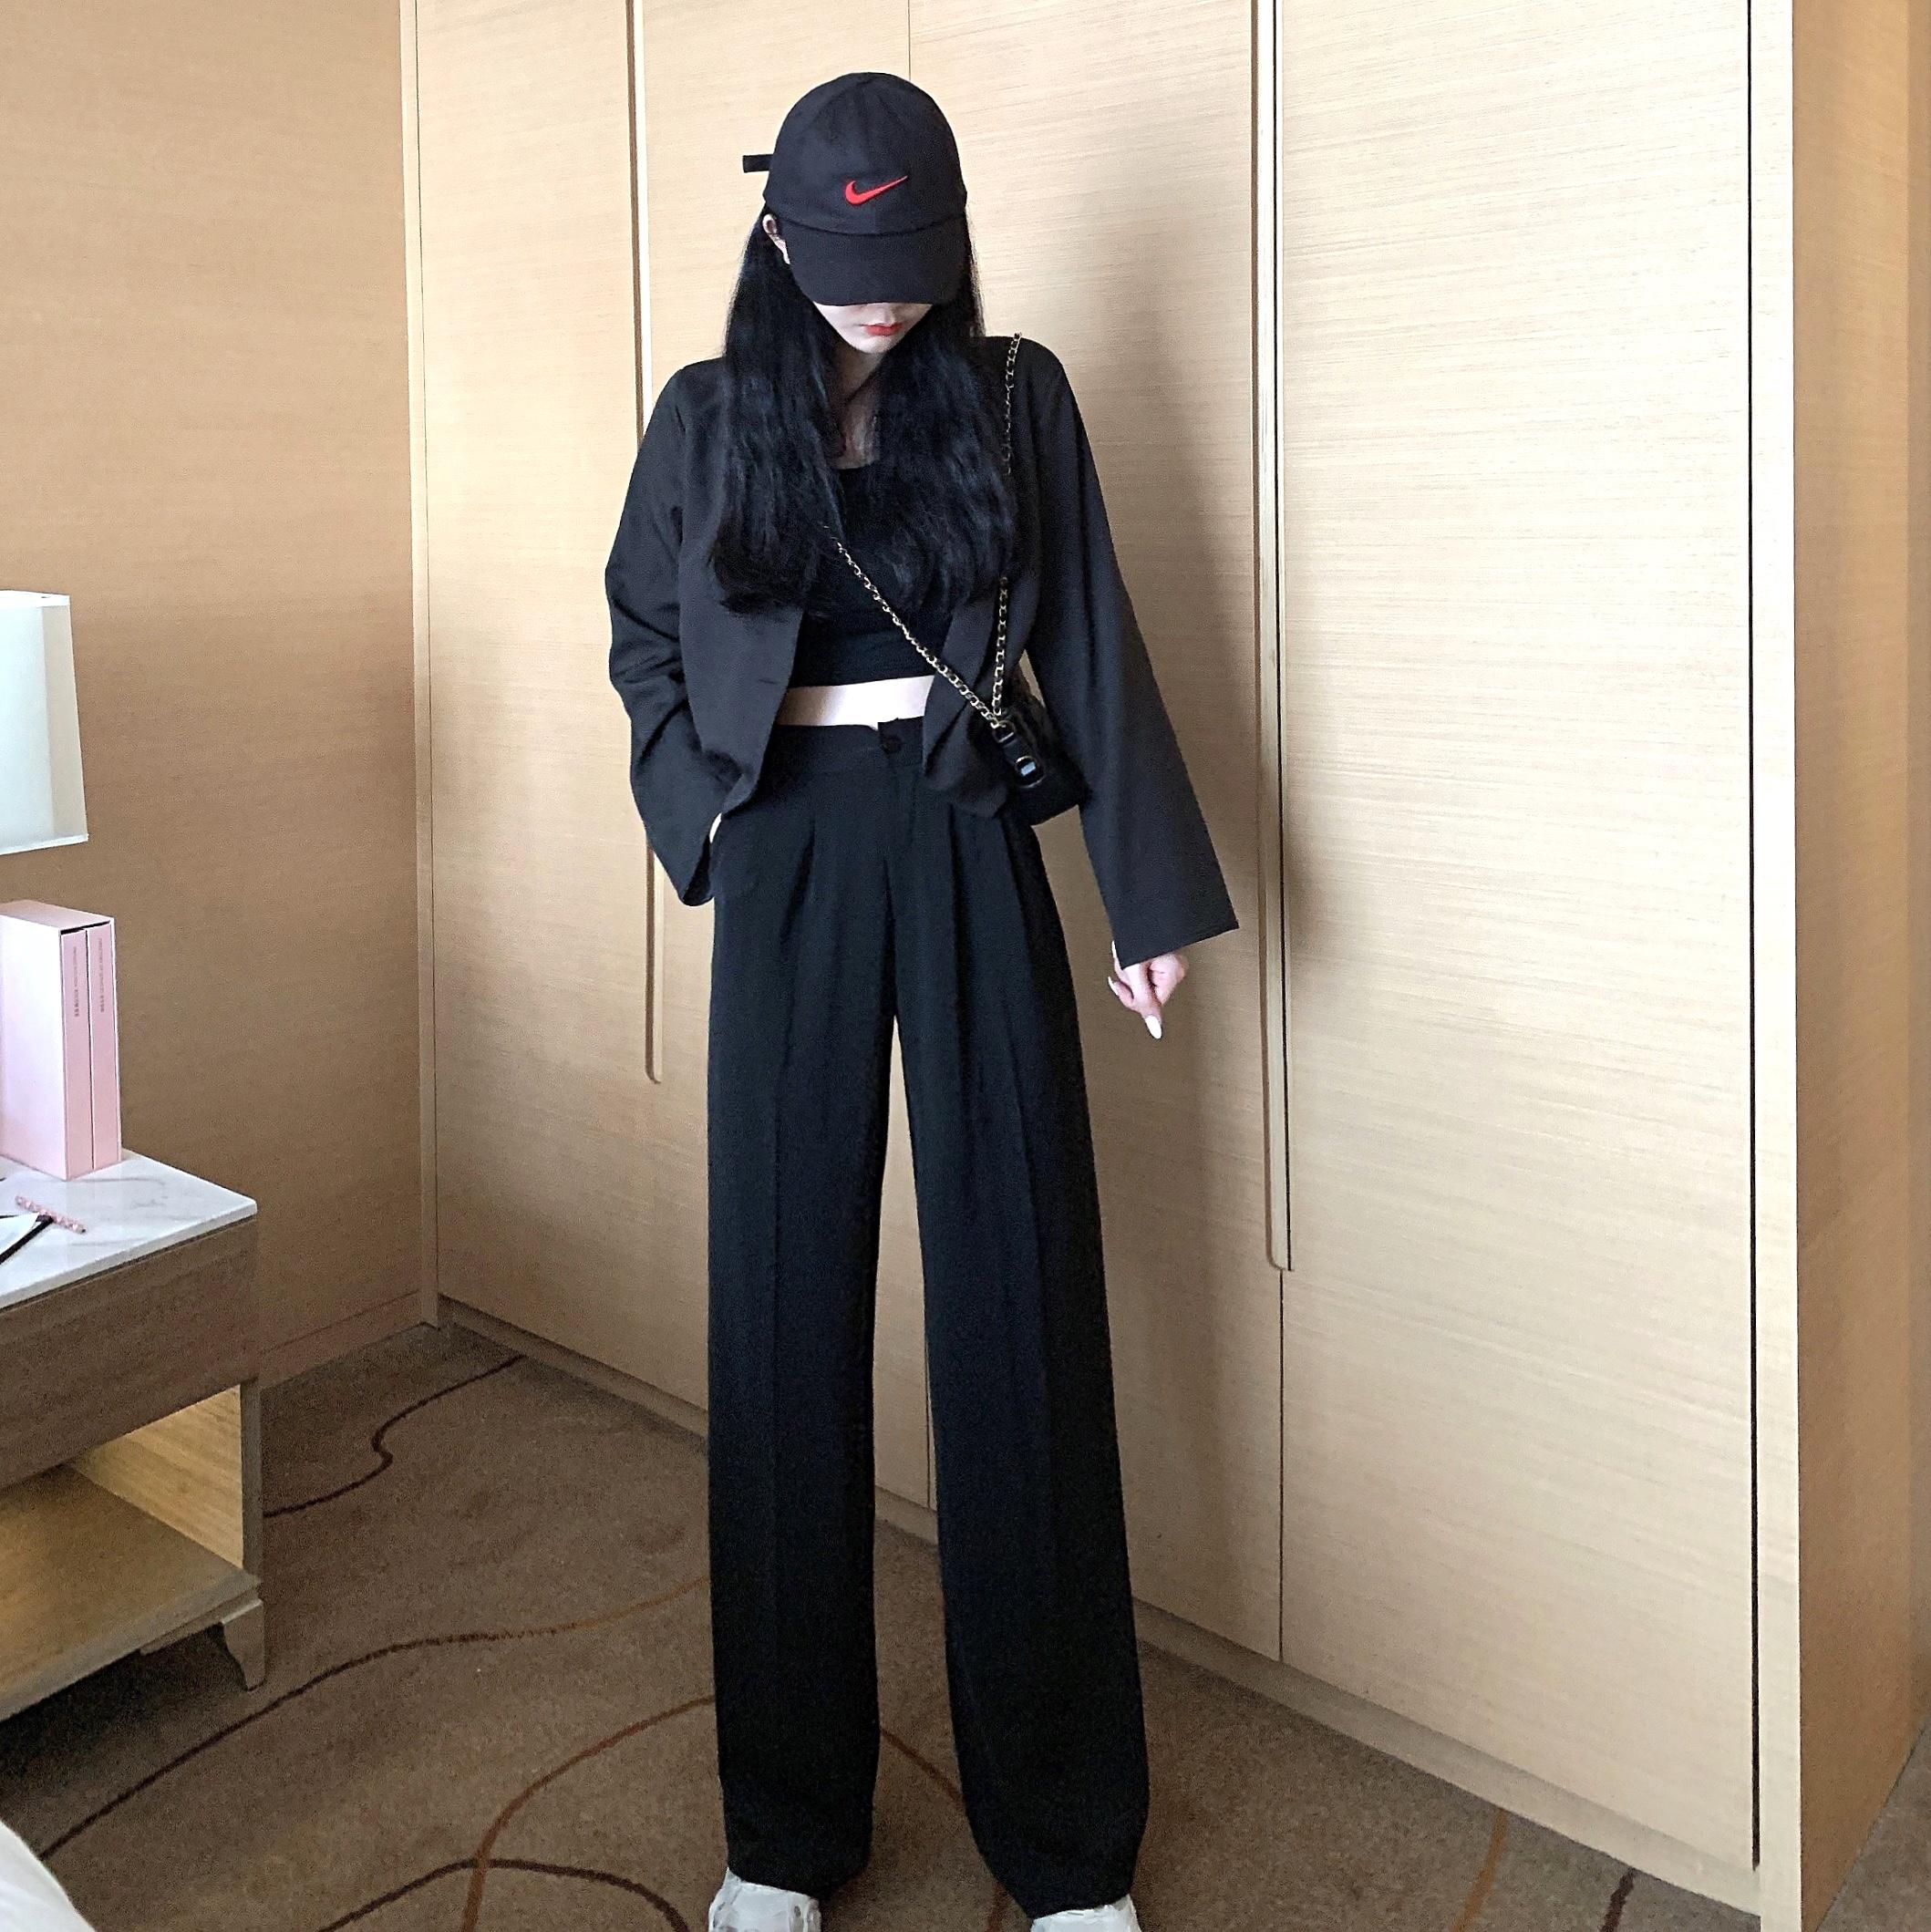 正品保证酷女孩穿搭嘻哈露脐装性感黑色系列